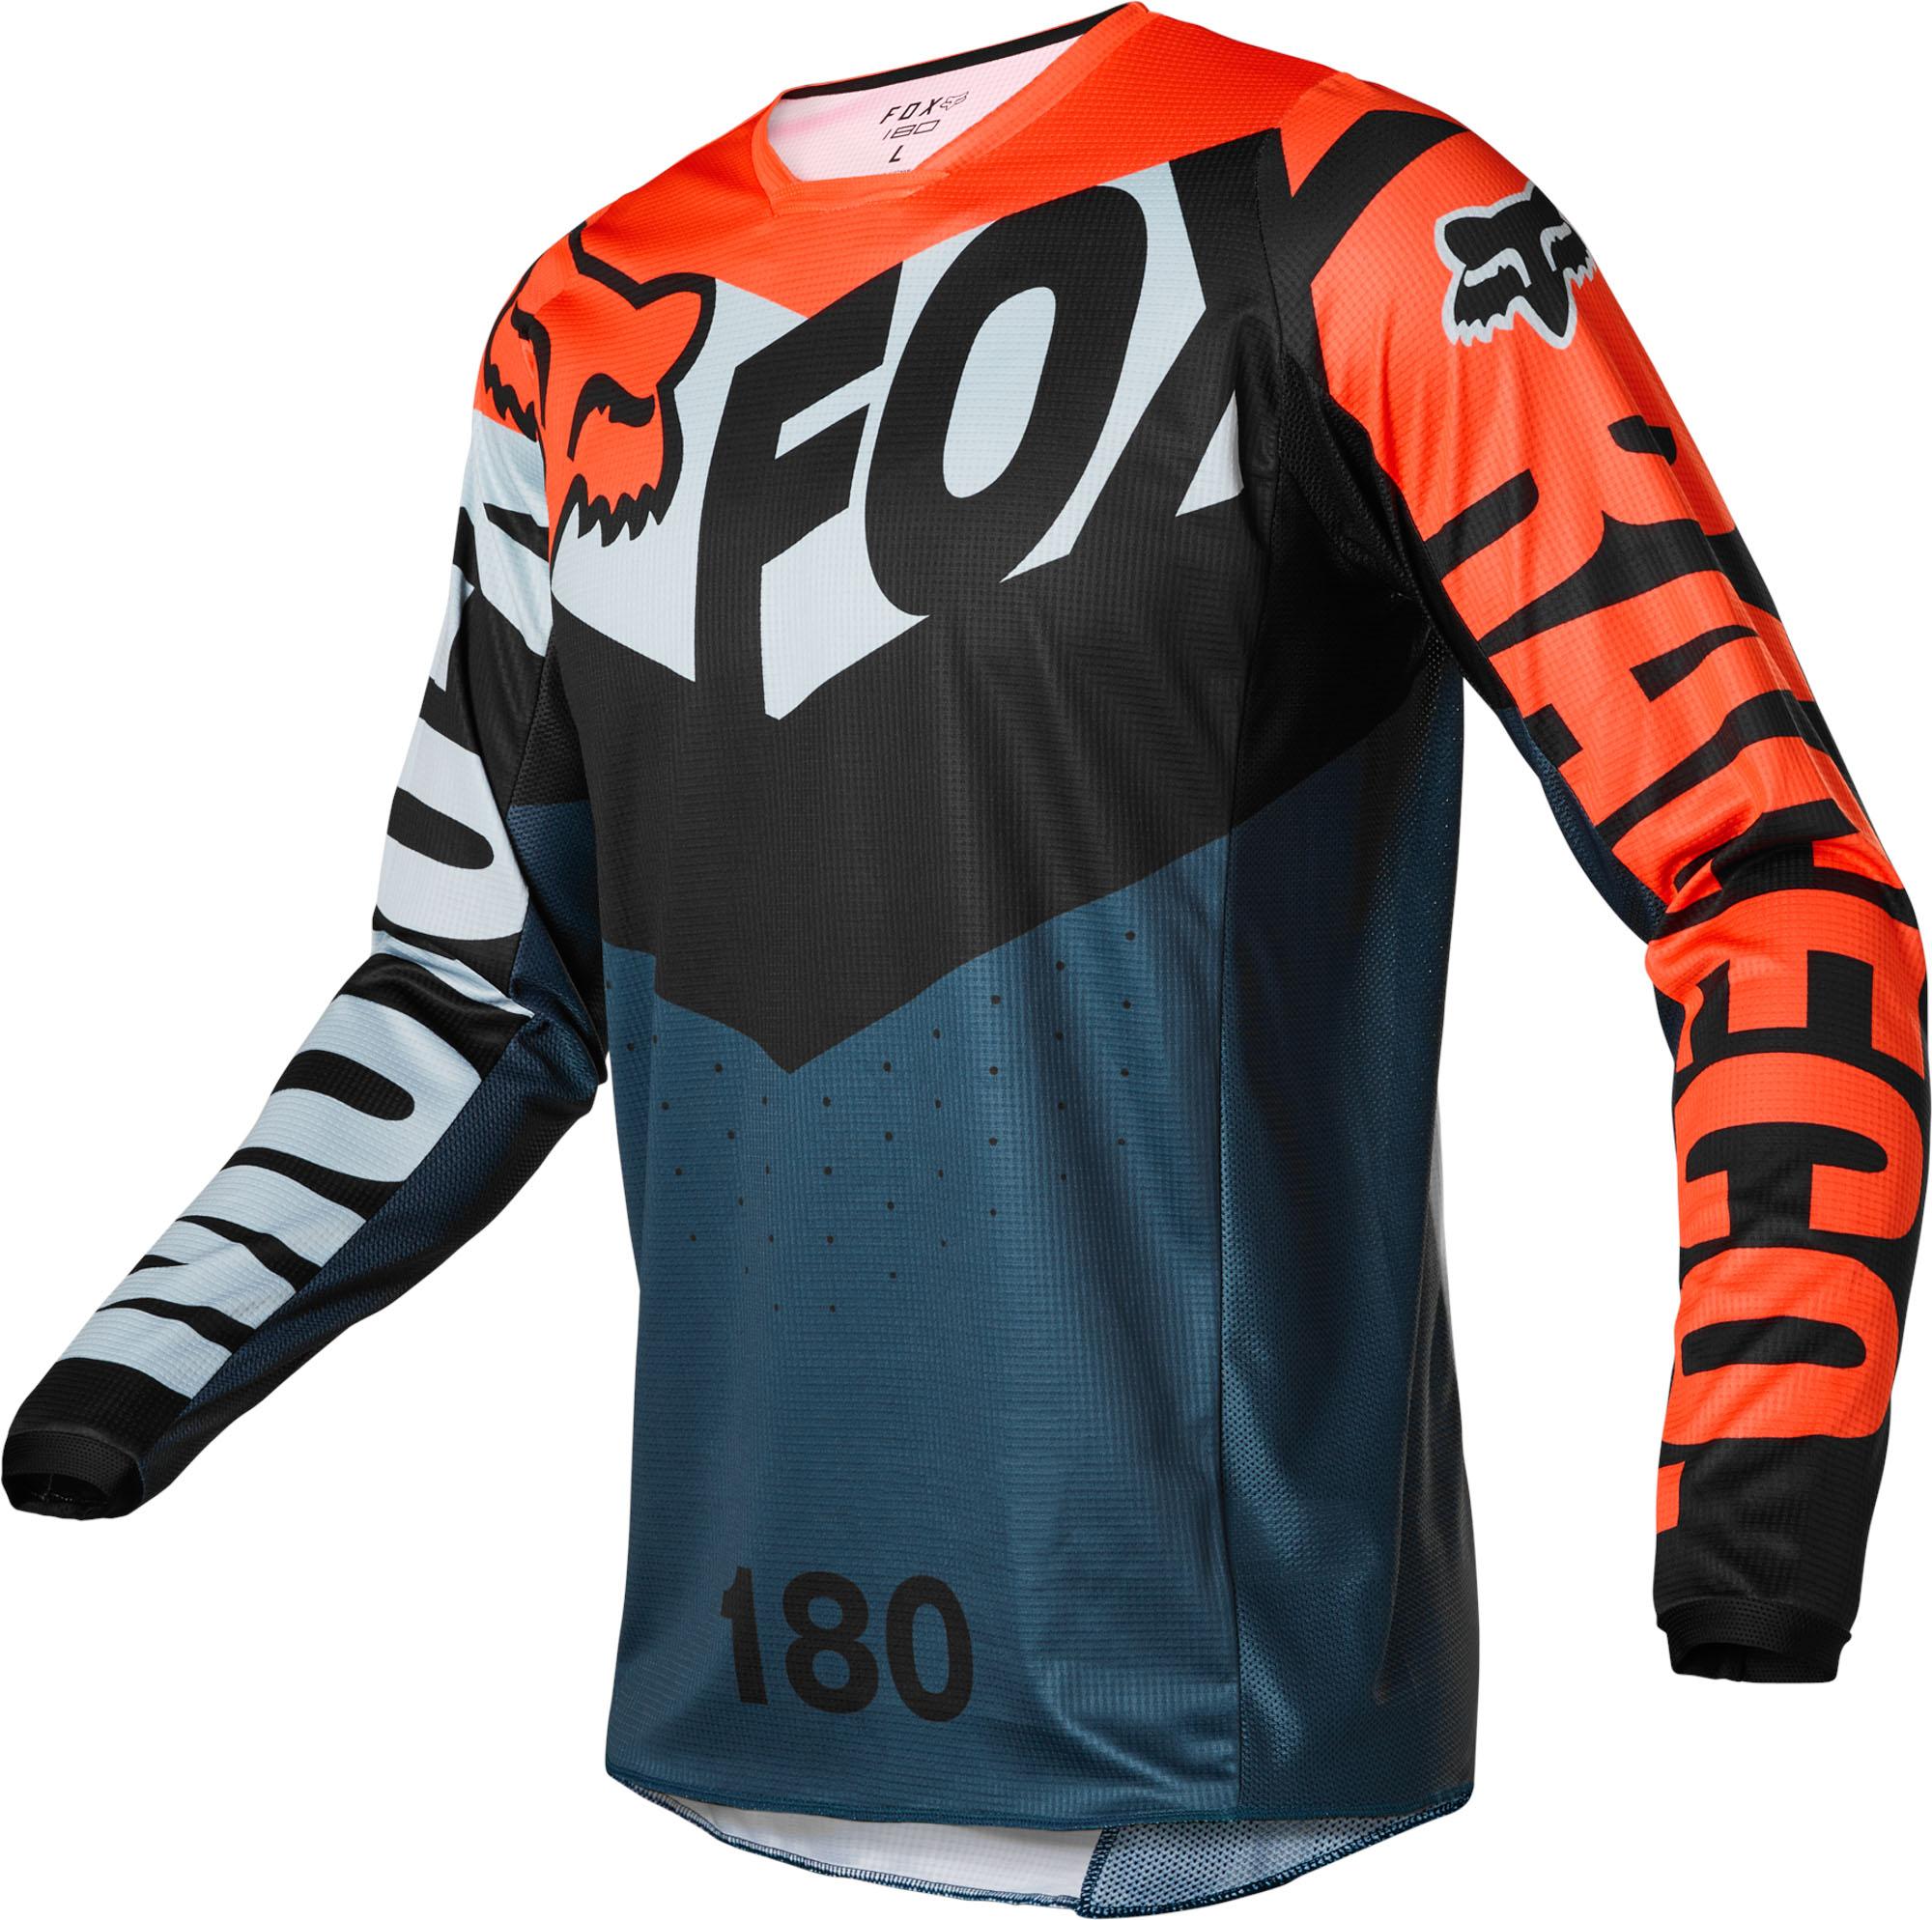 FOX 180 Trice Jersey - GREY/ORANGE MX22